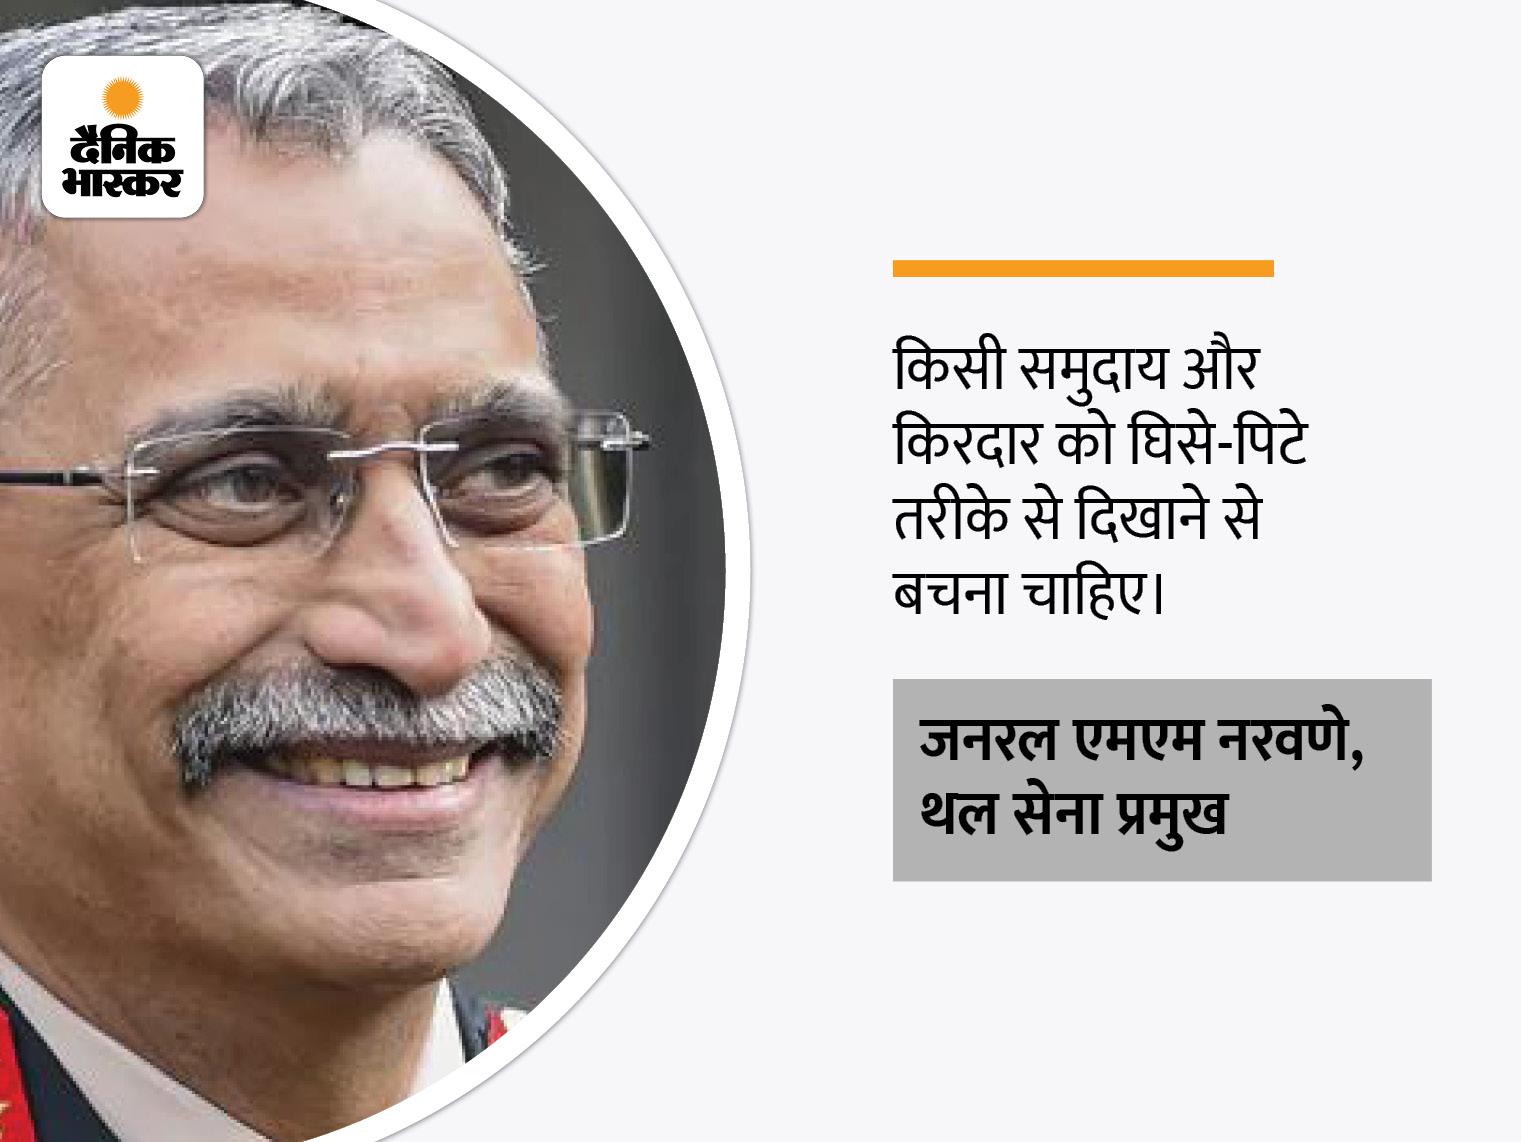 जनरल नरवणे ने कहा- फिल्मों में हीरोइन के कर्नल पिता को हमेशा खडूस ही क्यों दिखाया जाता है, यह वाकई परेशान करता है|देश,National - Dainik Bhaskar